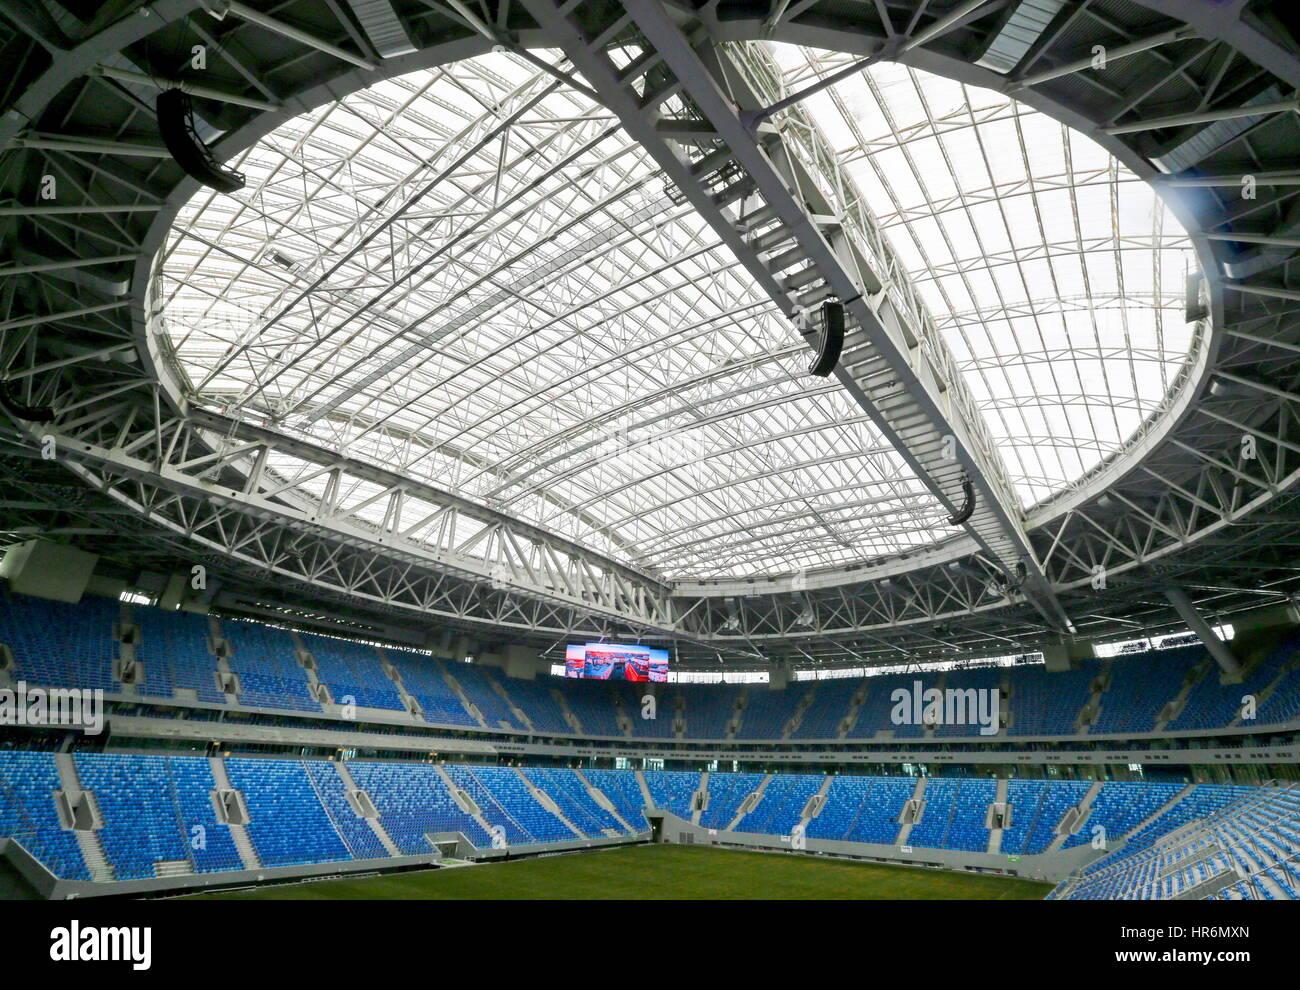 Zenit Arena Stadium Stock Photos & Zenit Arena Stadium Stock Images ...